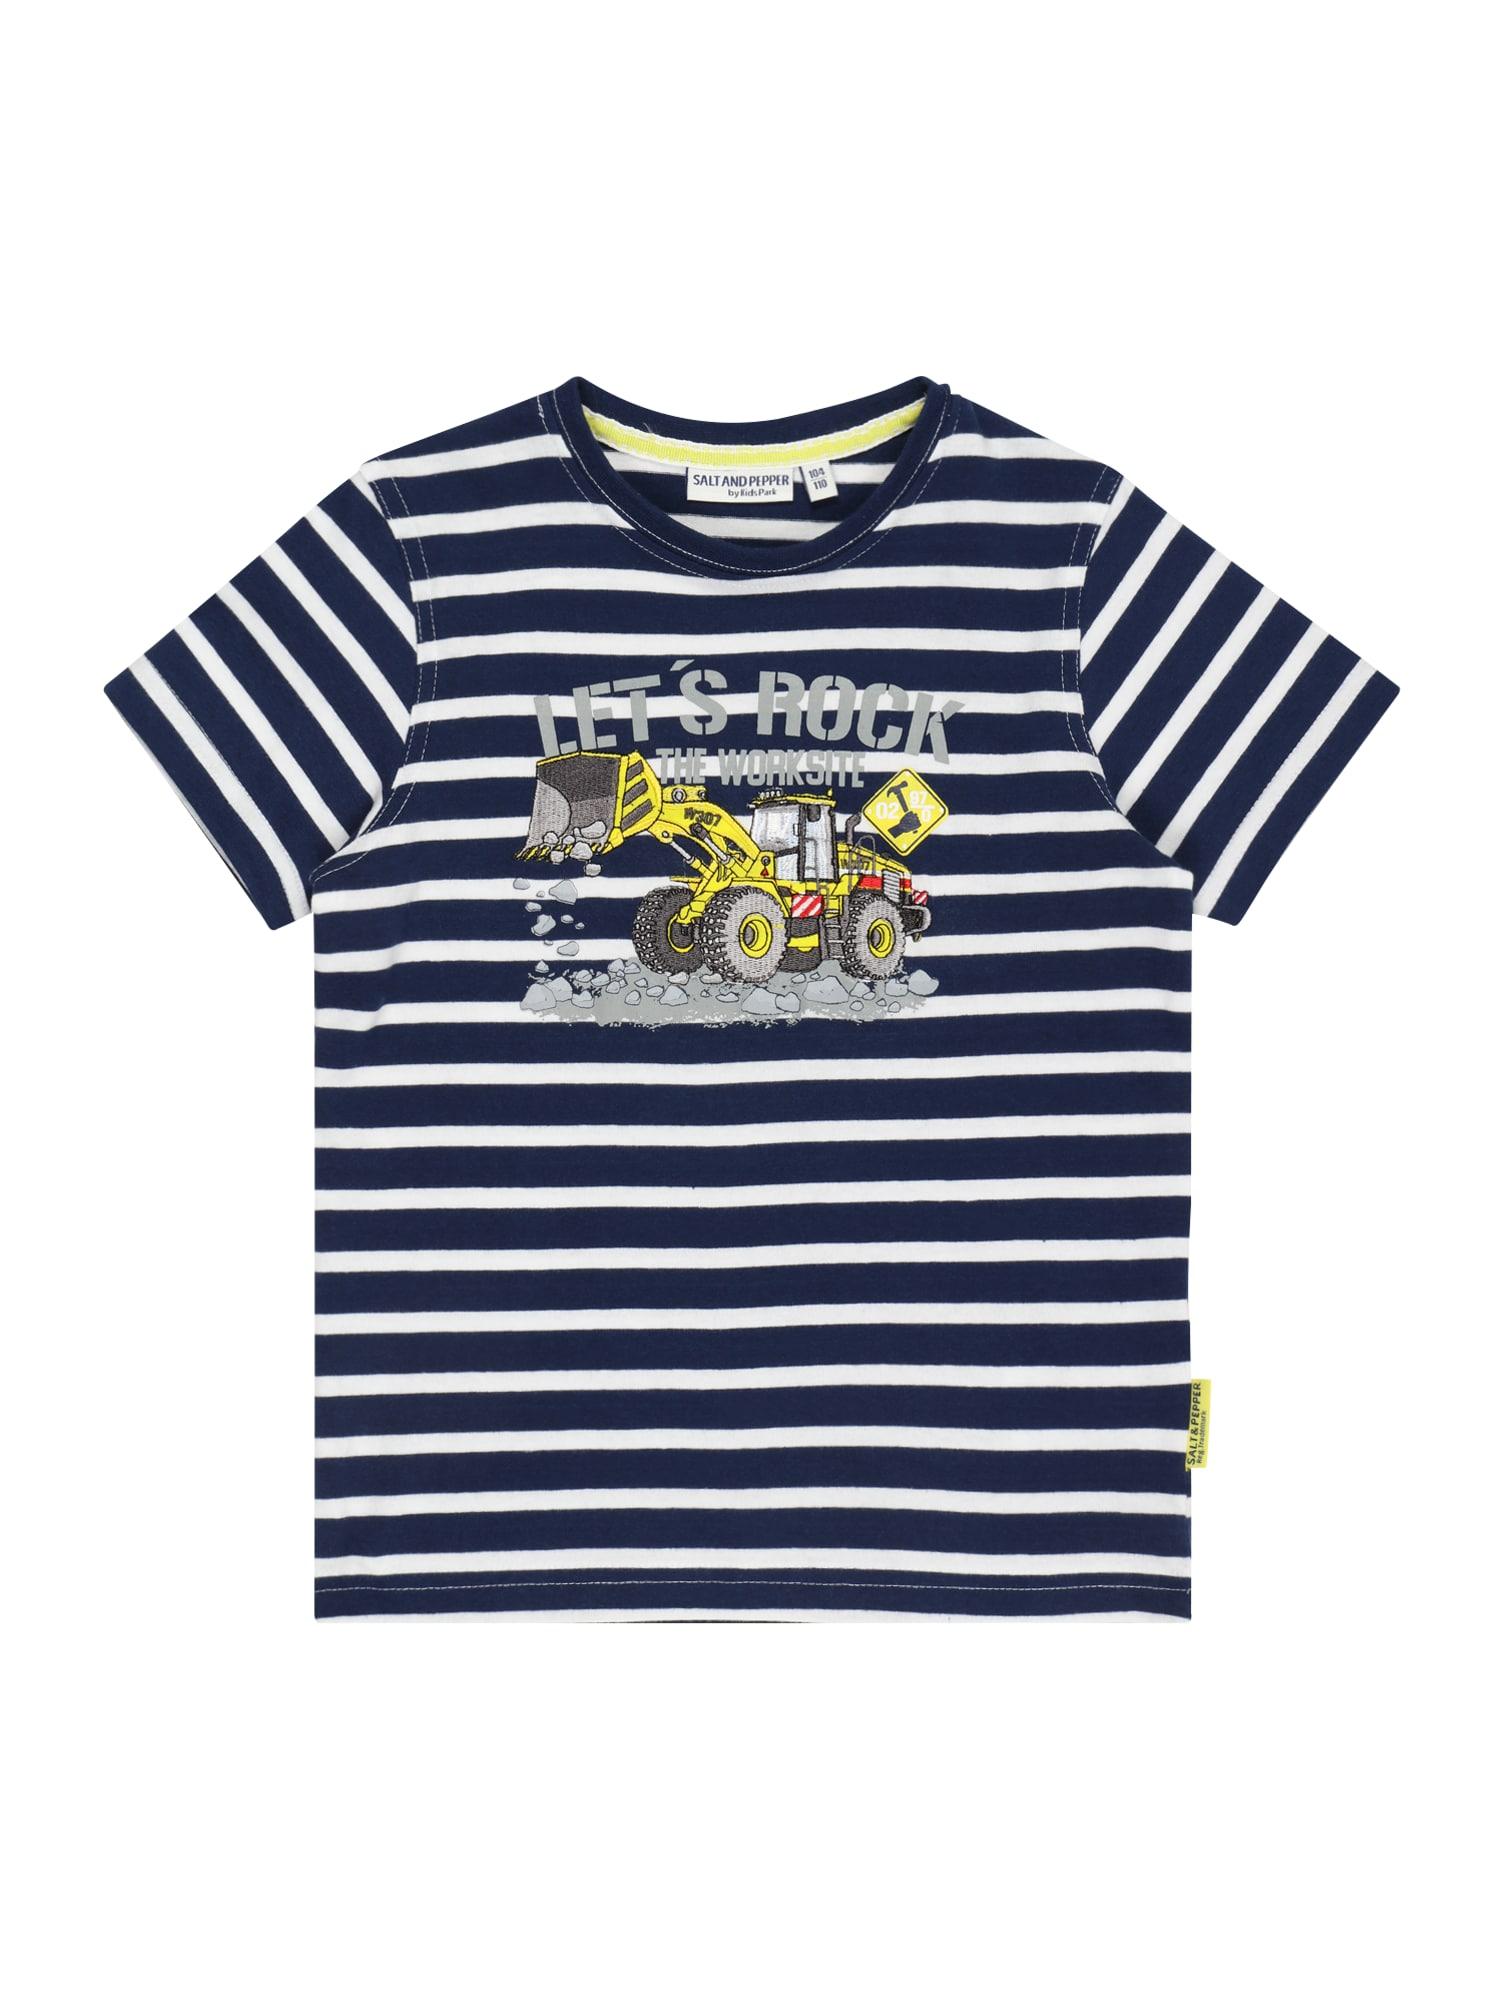 SALT AND PEPPER Marškinėliai tamsiai mėlyna / balta / dūmų pilka / žaliosios citrinos spalva / šviesiai raudona